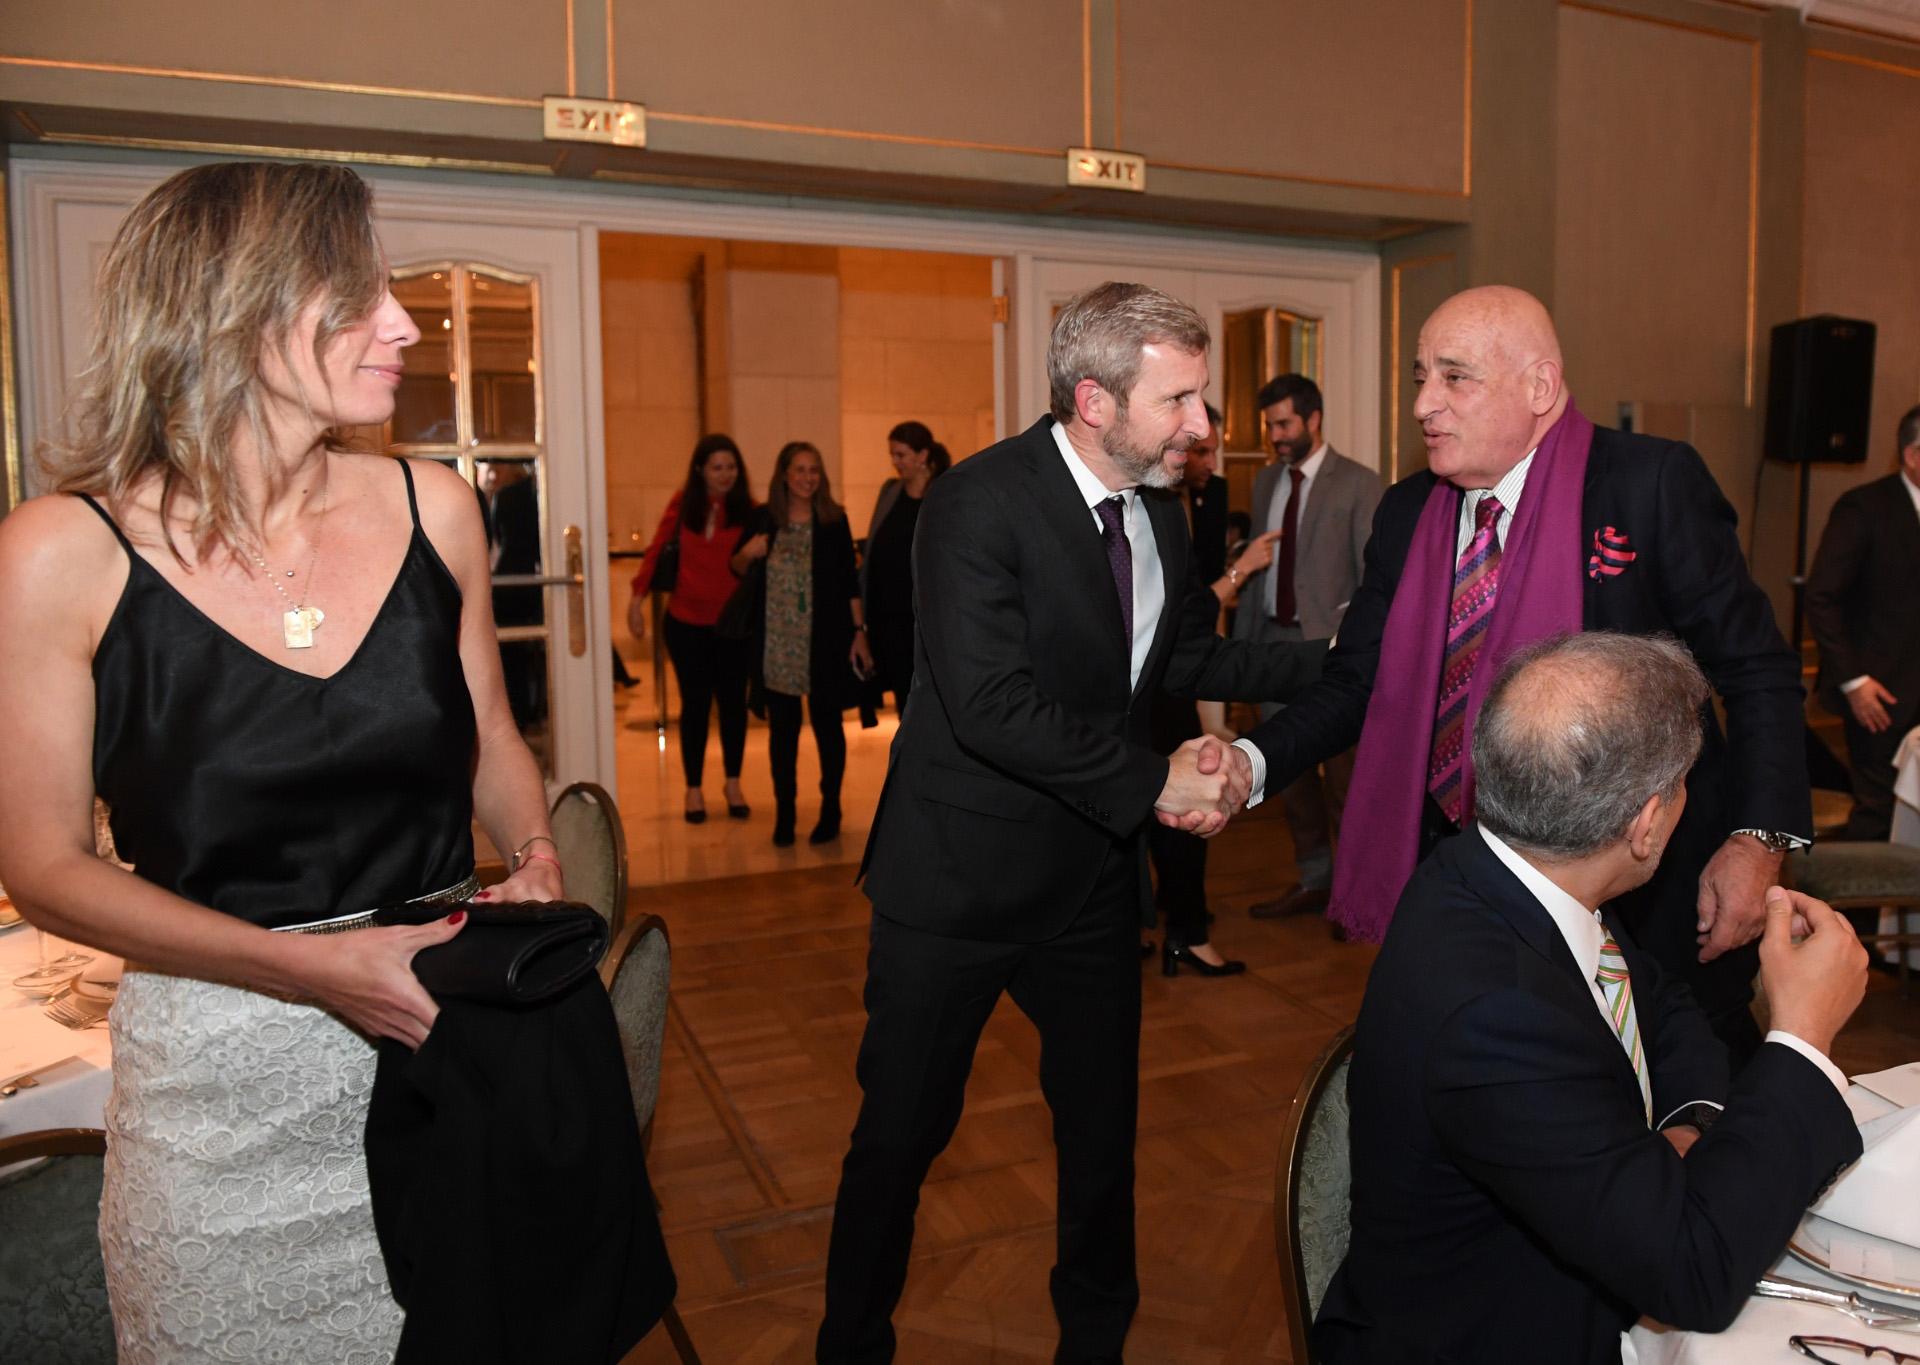 Ministro Frigerio y esposa saludan al rector de la Universidad de Tres de Febrero, Aníbal Jozami. (Maximiliano Luna)